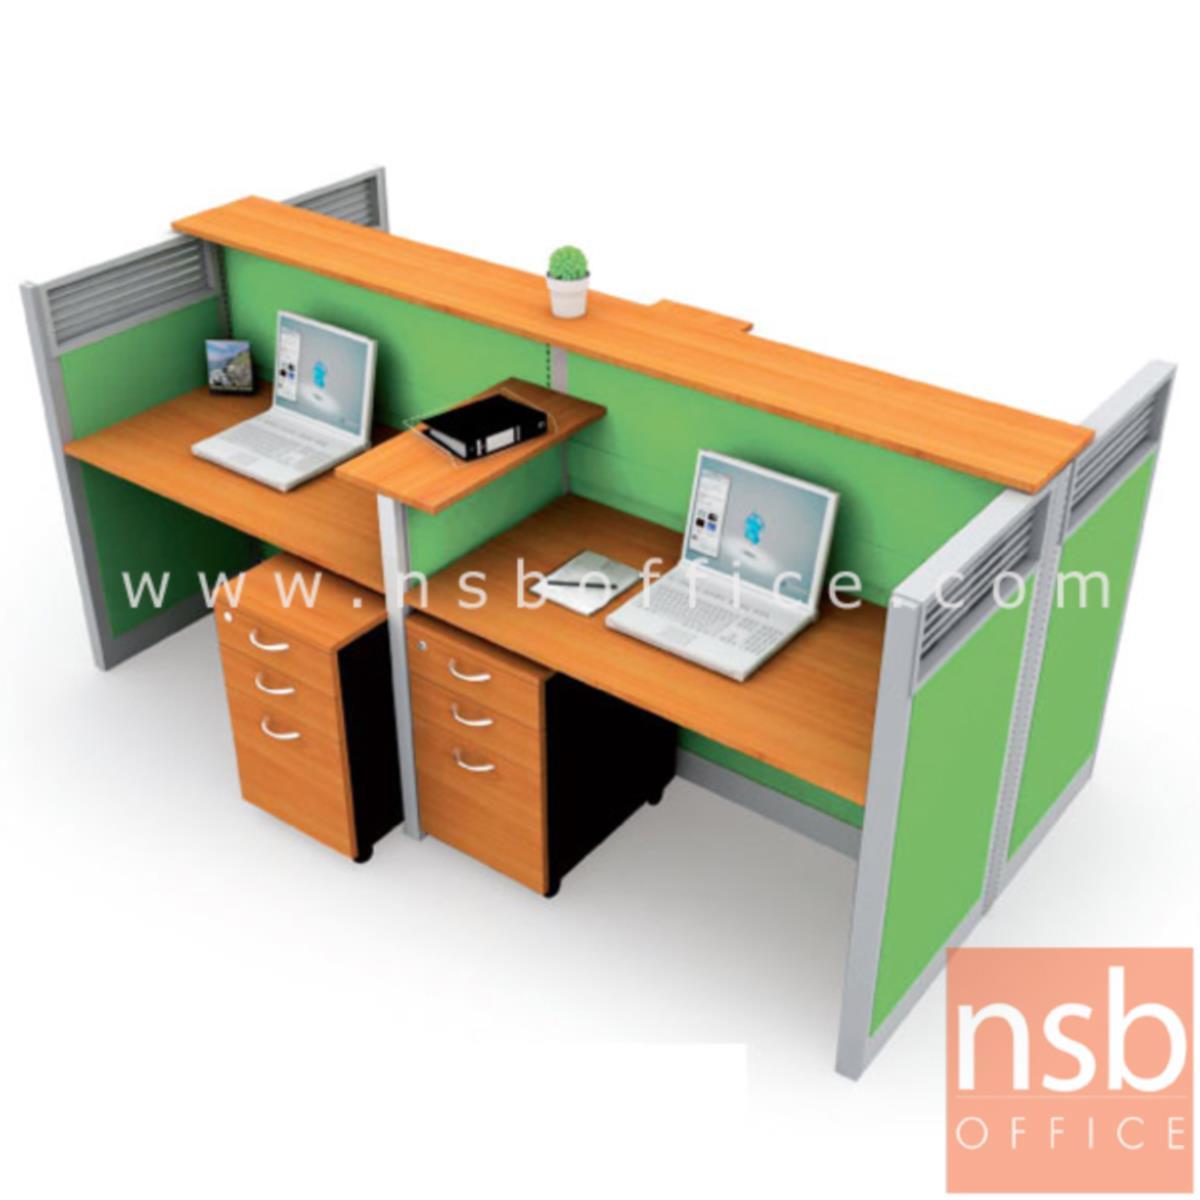 A04A038:ชุดโต๊ะทำงานกลุ่ม 4 ที่นั่ง   ขนาด 262W cm. พร้อมมีแผ่นวางของส่วนกลาง